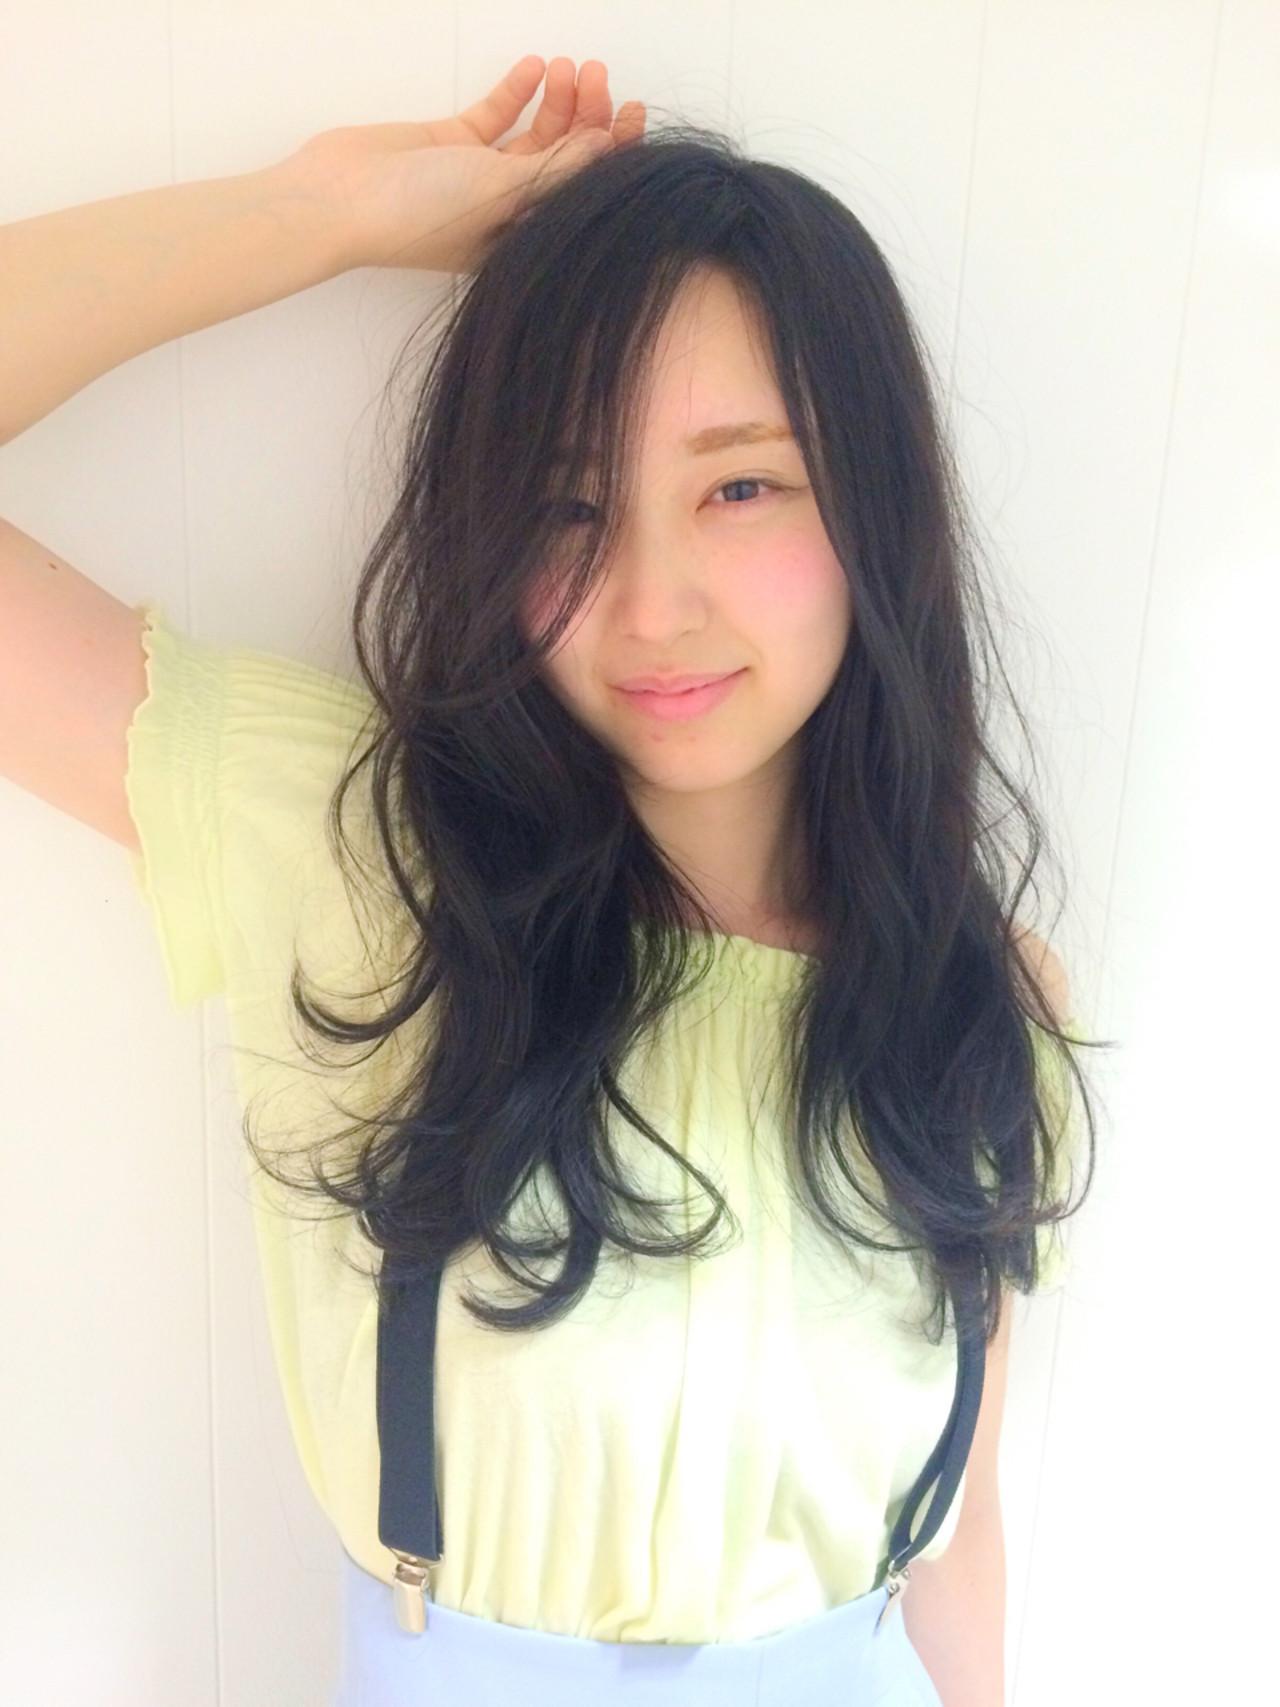 オシャレさんの代名詞♡今年の人気髪型をレングス別に特集! きたけん